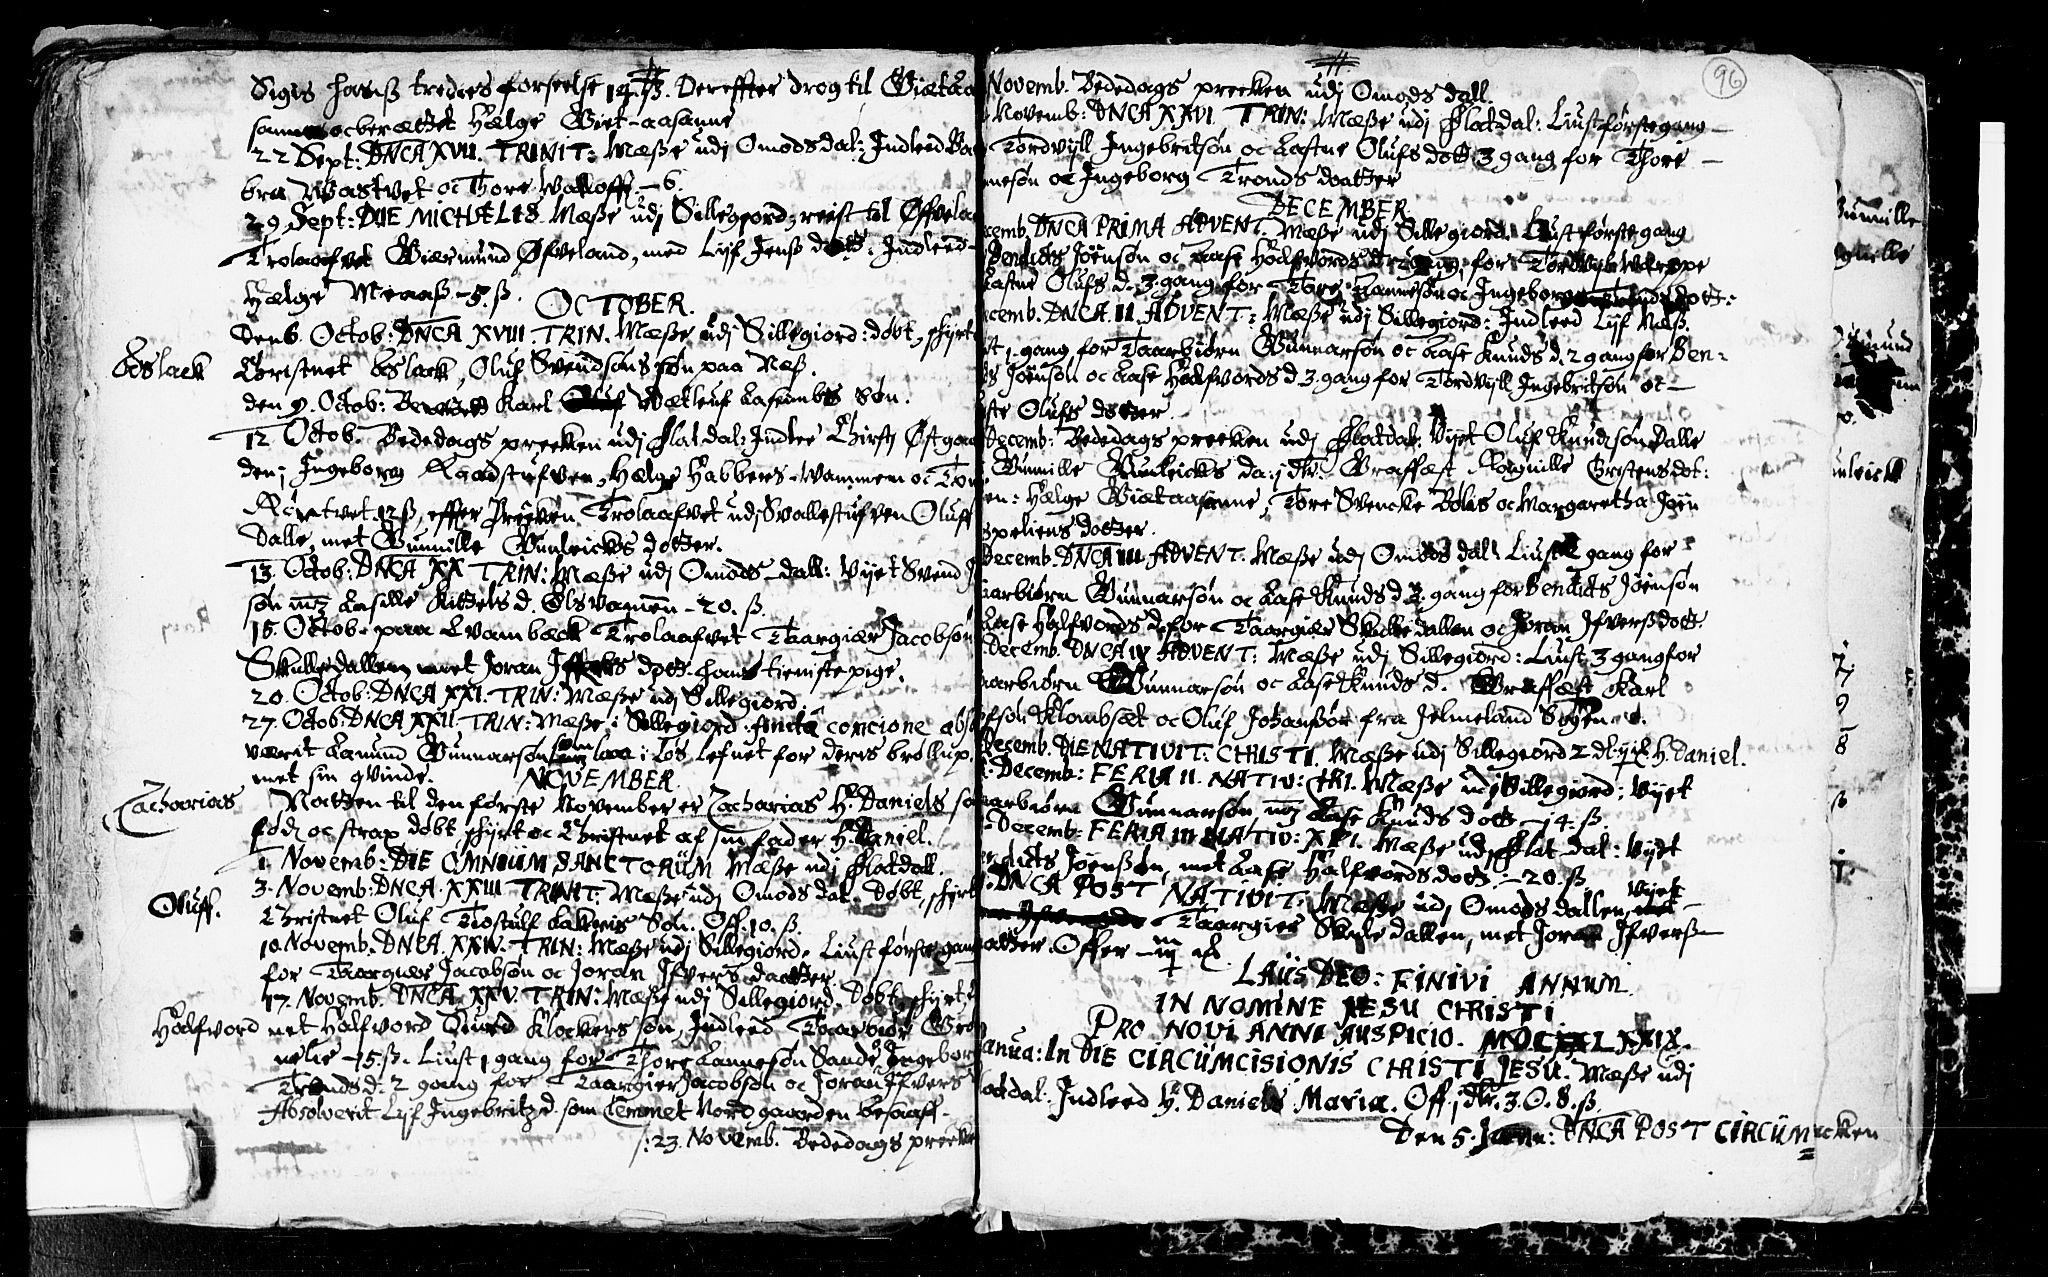 SAKO, Seljord kirkebøker, F/Fa/L0001: Ministerialbok nr. I 1, 1654-1686, s. 96